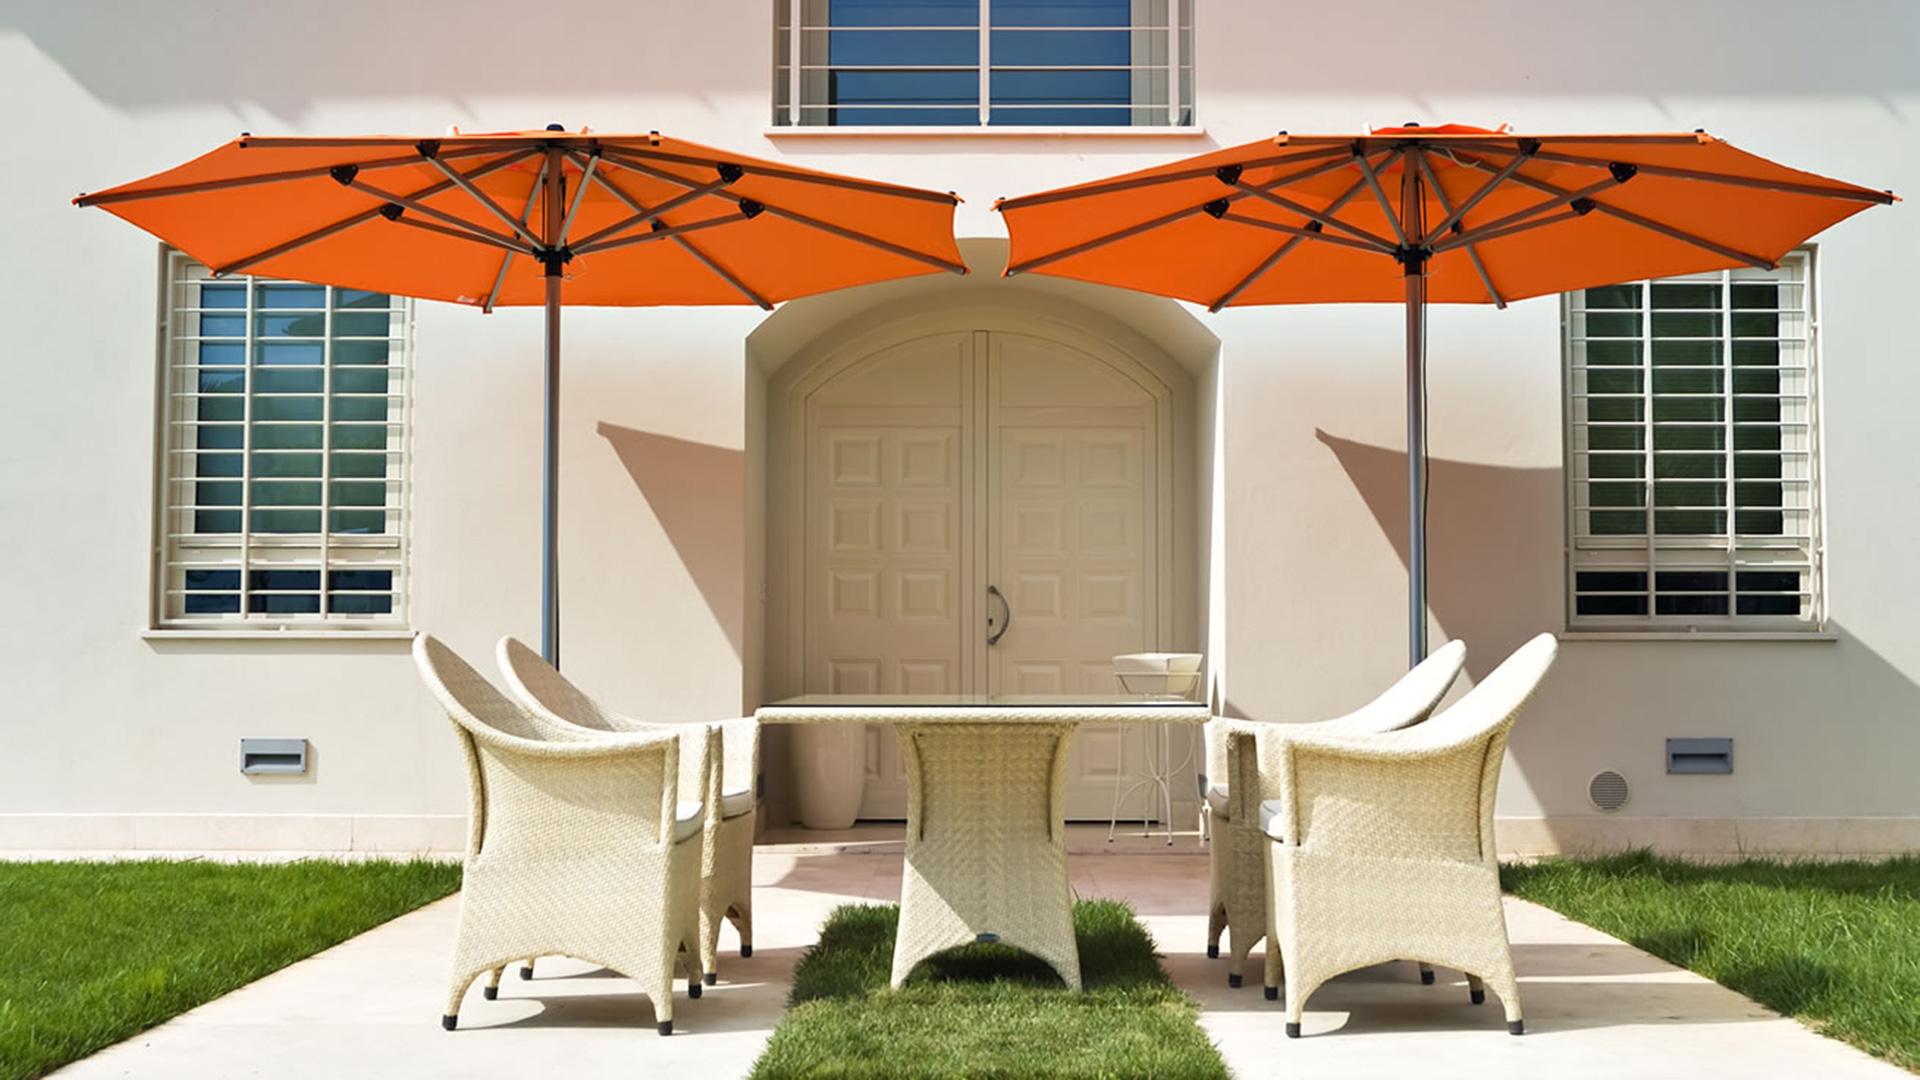 Contract e forniture bar ristoranti arredamenti e - Gazebi in alluminio per esterni ...